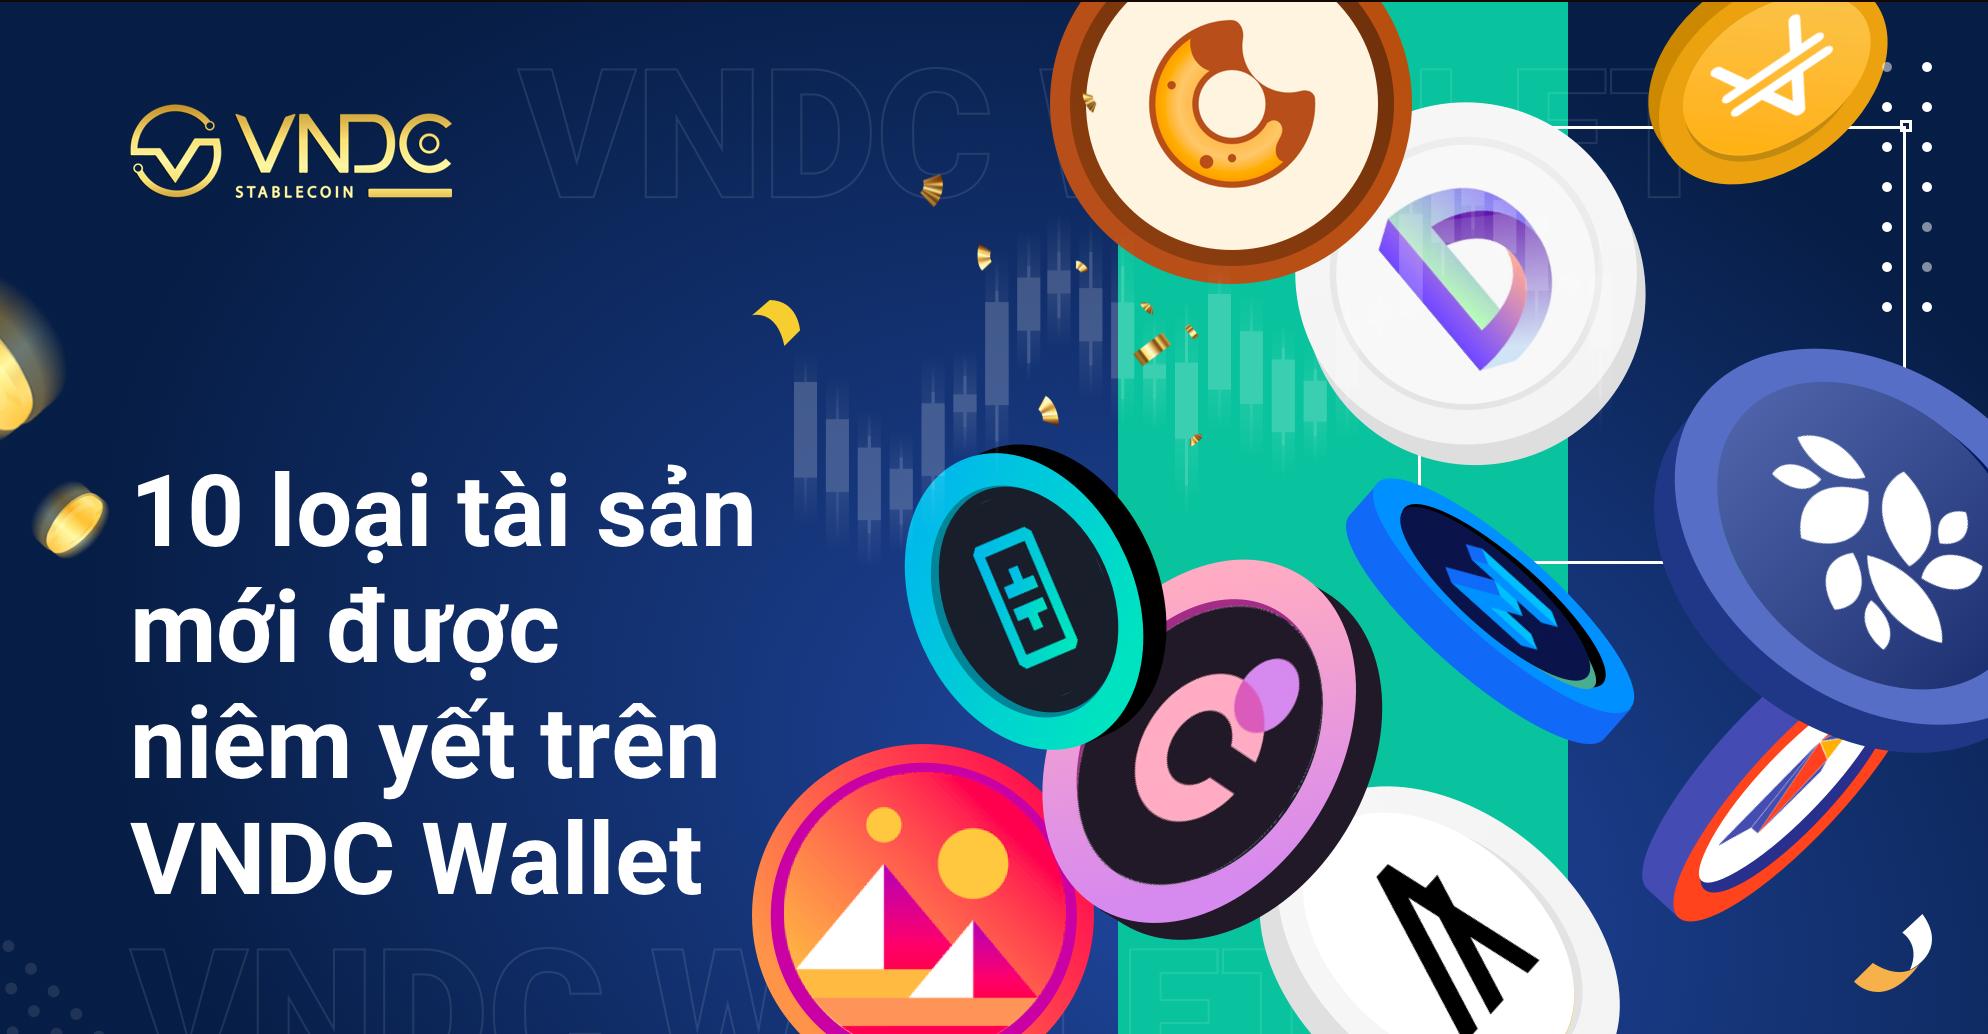 10 loại tài sản mới được niêm yết trên VNDC Wallet